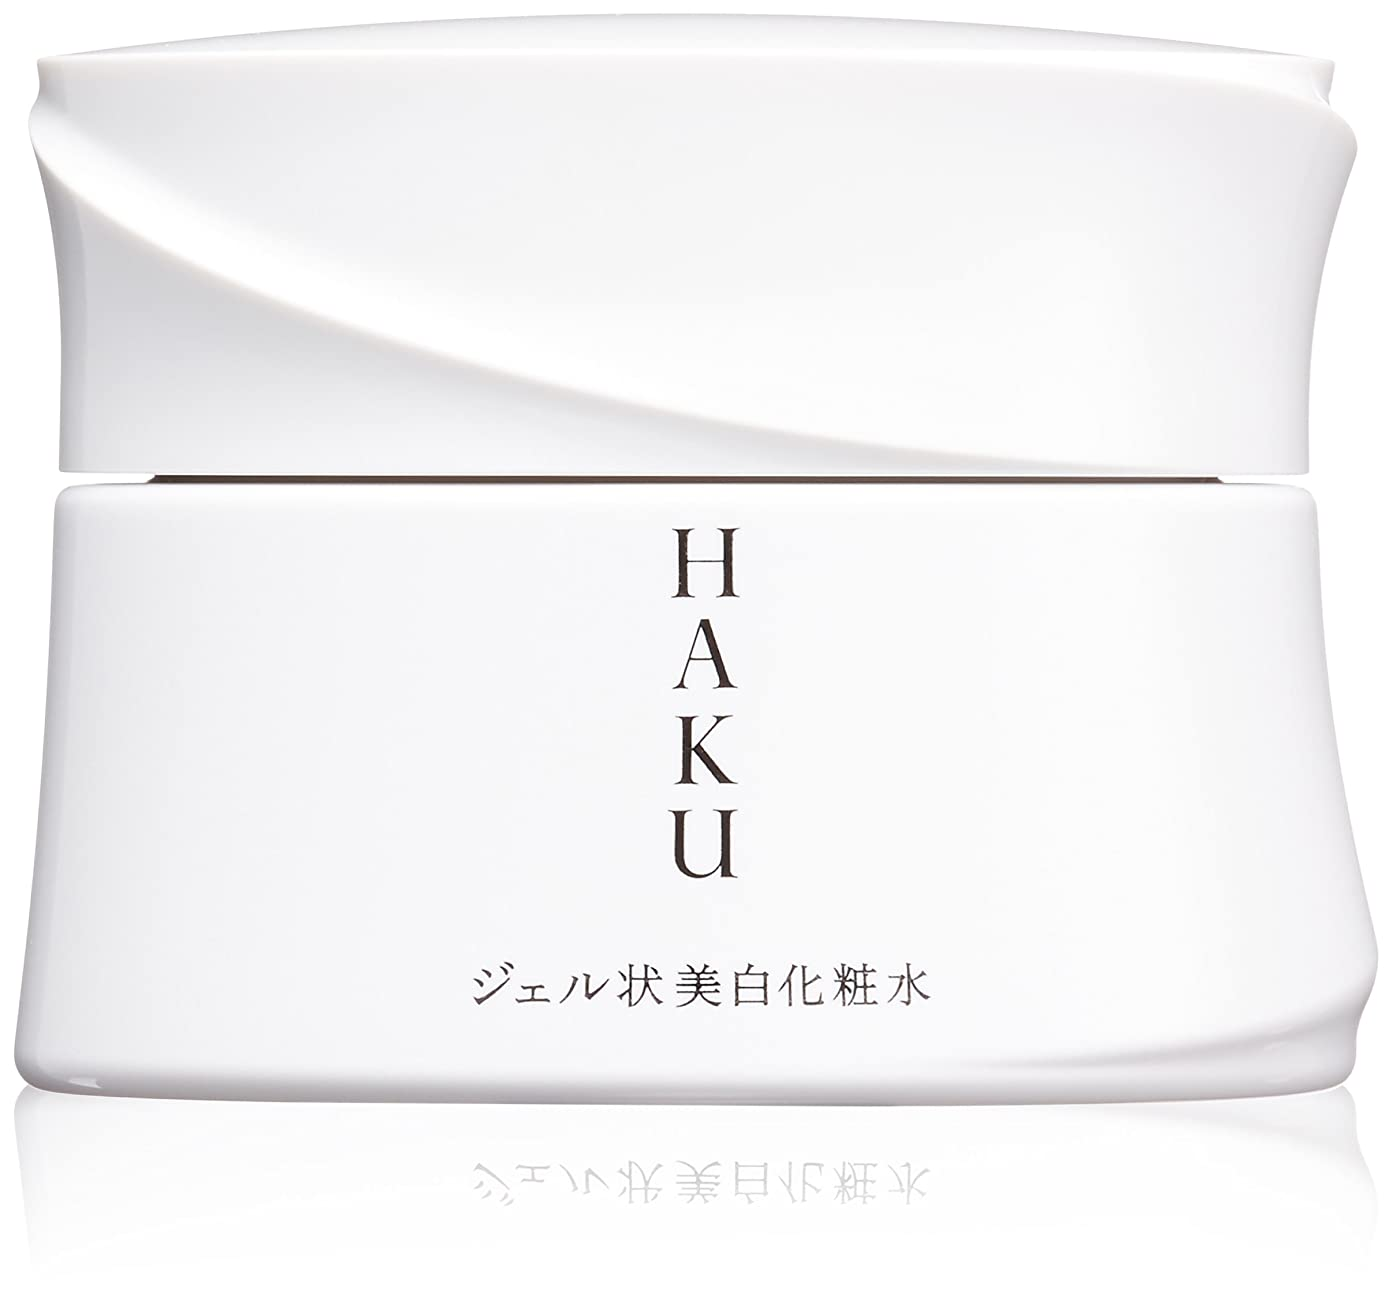 悩みピグマリオン頑張るHAKU メラノディープモイスチャー 美白化粧水 100g 【医薬部外品】